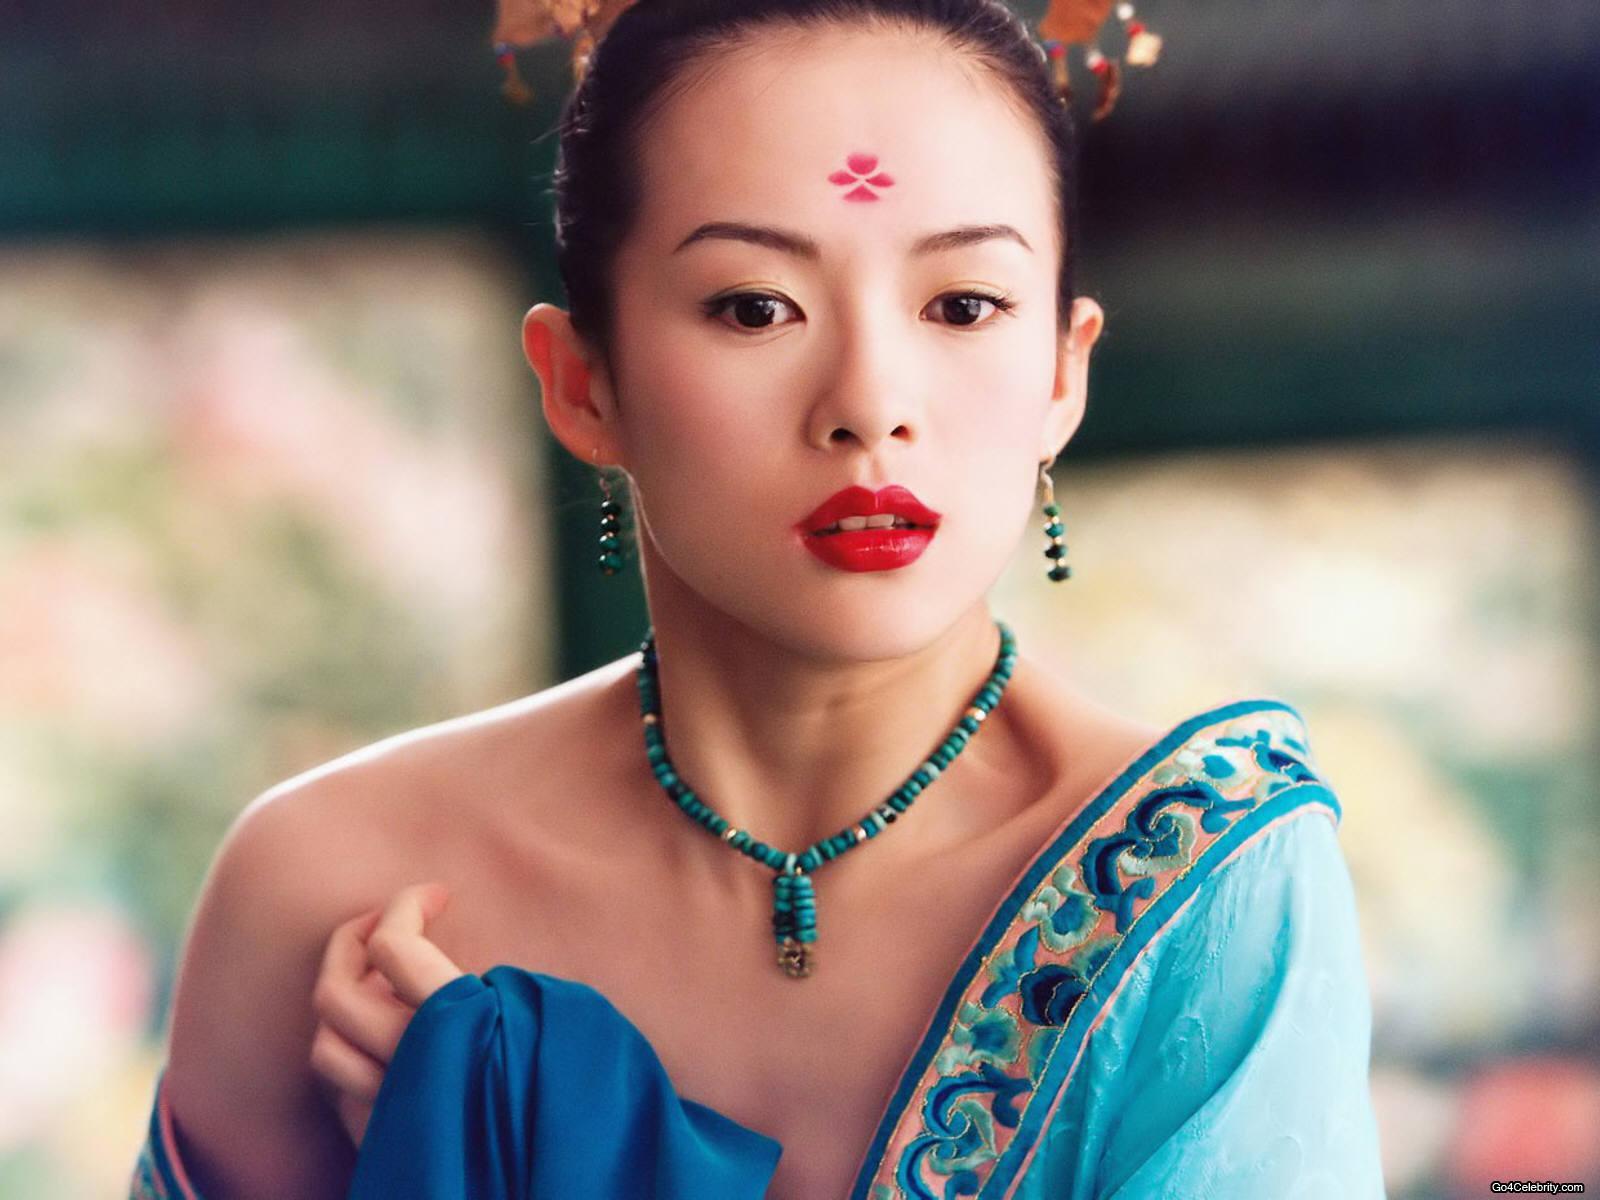 http://2.bp.blogspot.com/-C-OfegoMECQ/T8caUu5_3PI/AAAAAAAAA3Q/SenAnM6rwSs/s1600/Zhang-Ziyi-031.jpg